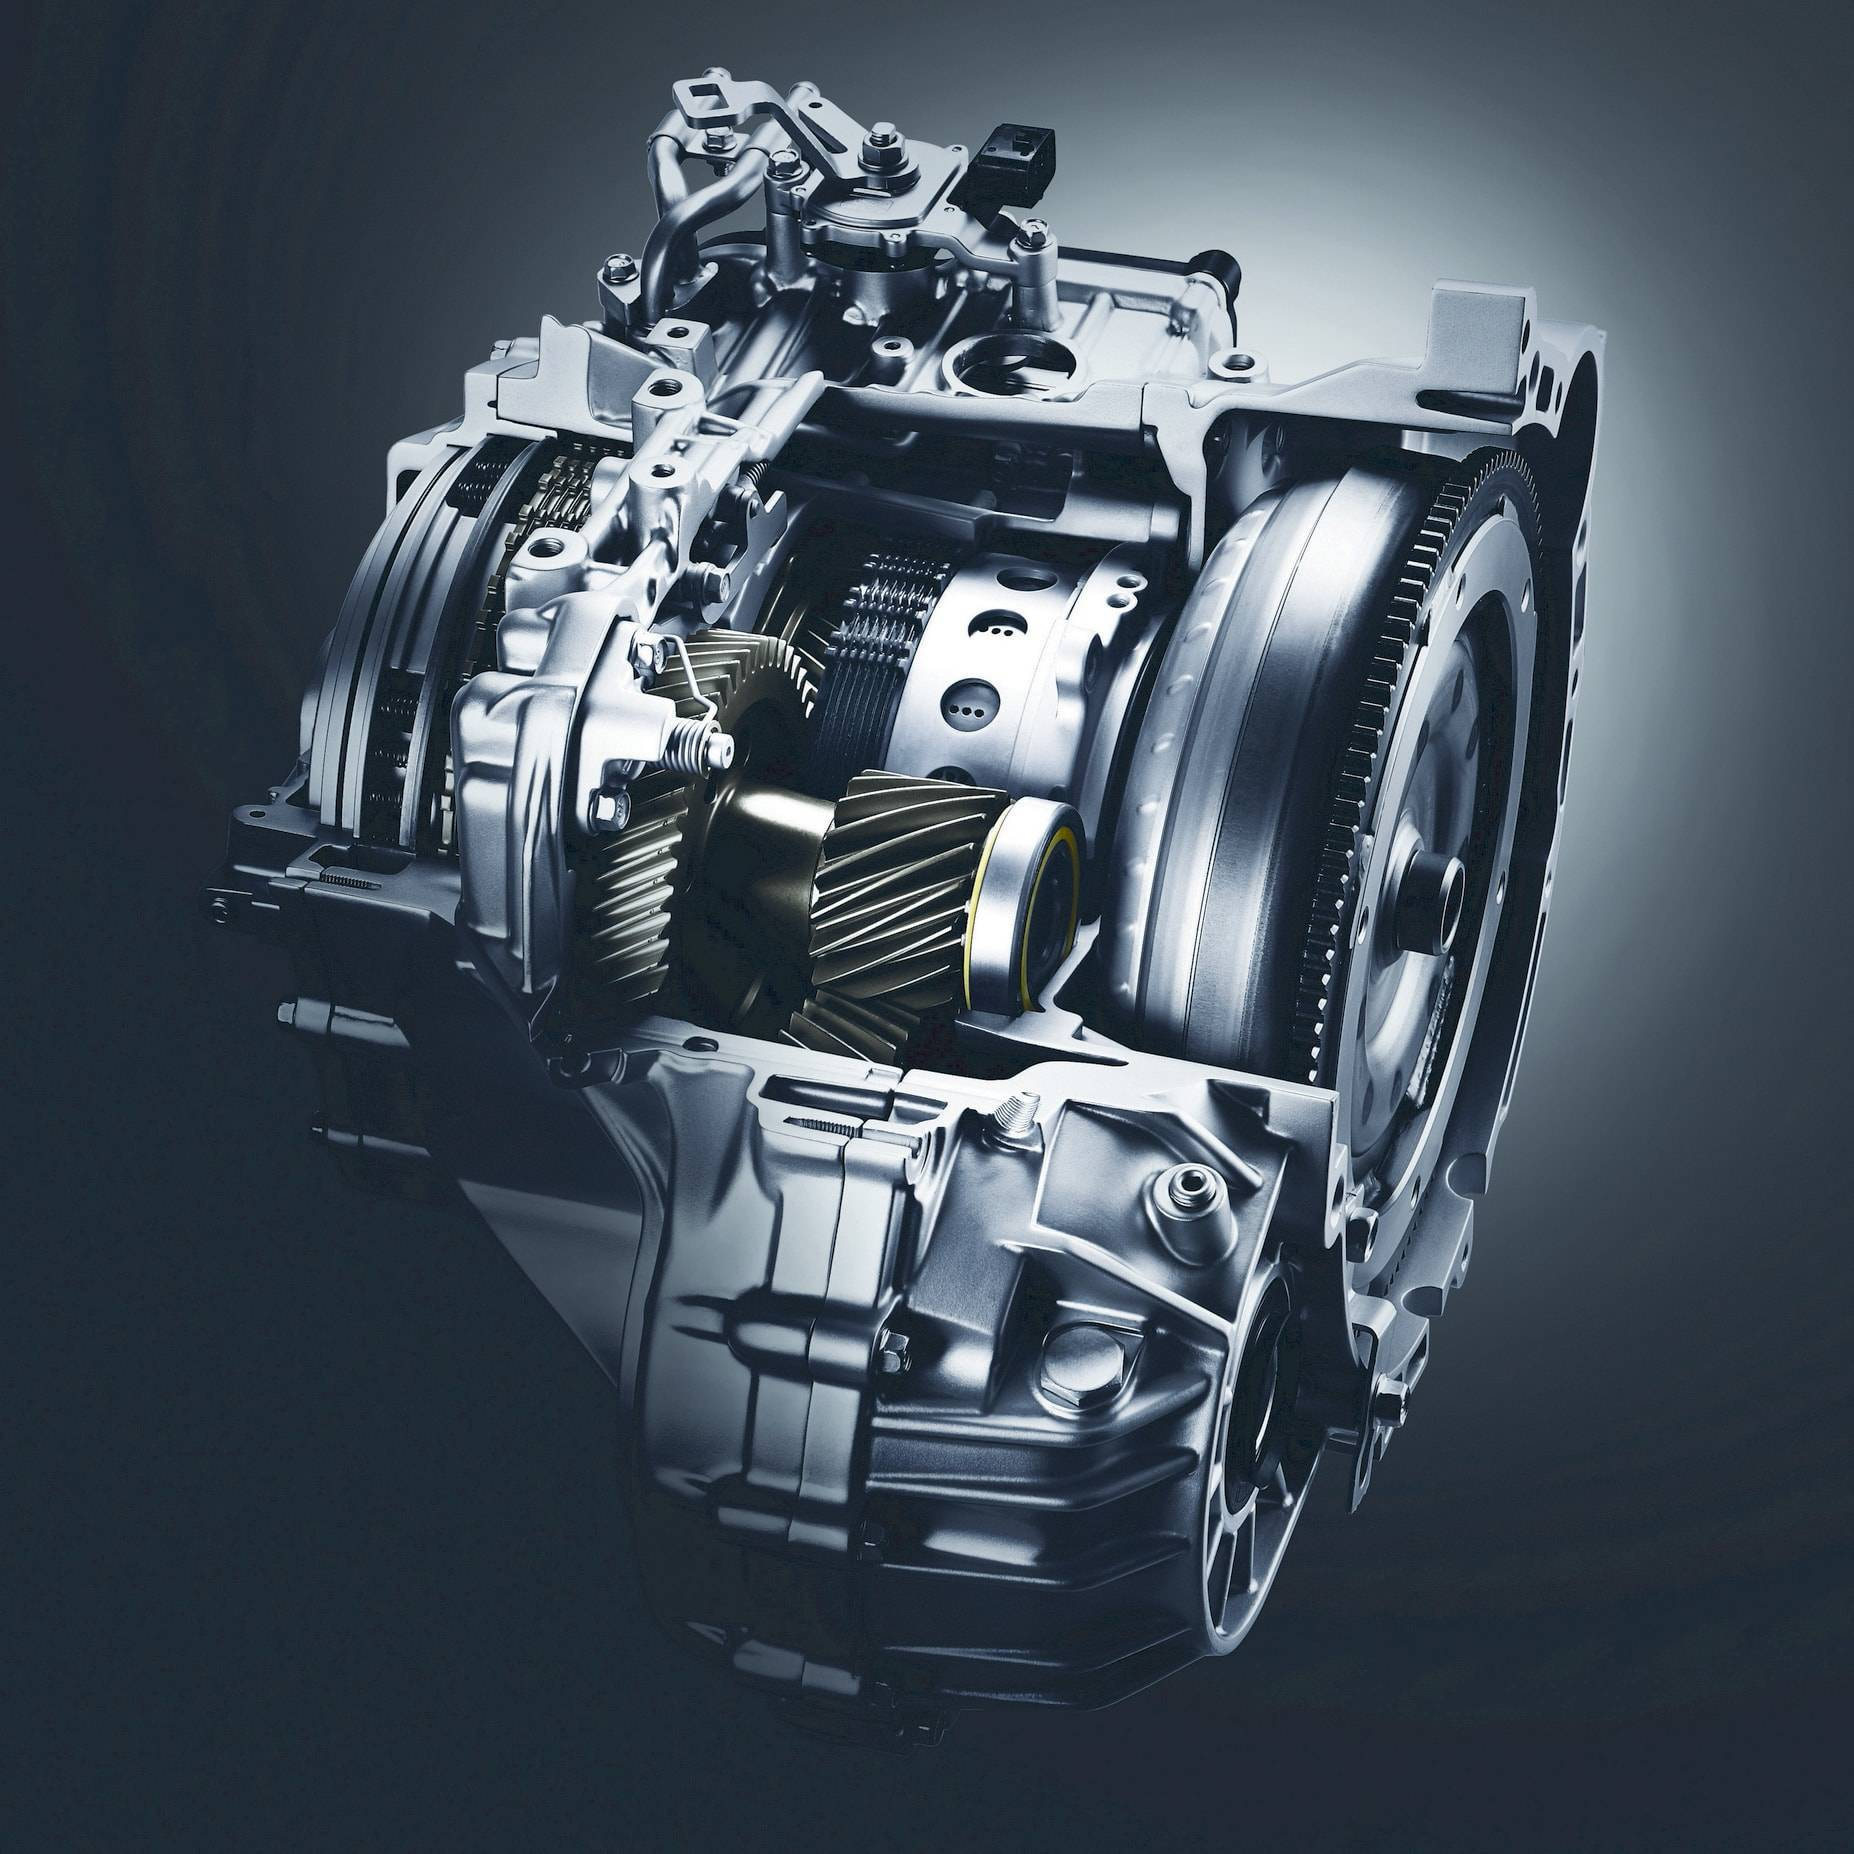 Kia представила инновационную 8-ступенчатую коробку